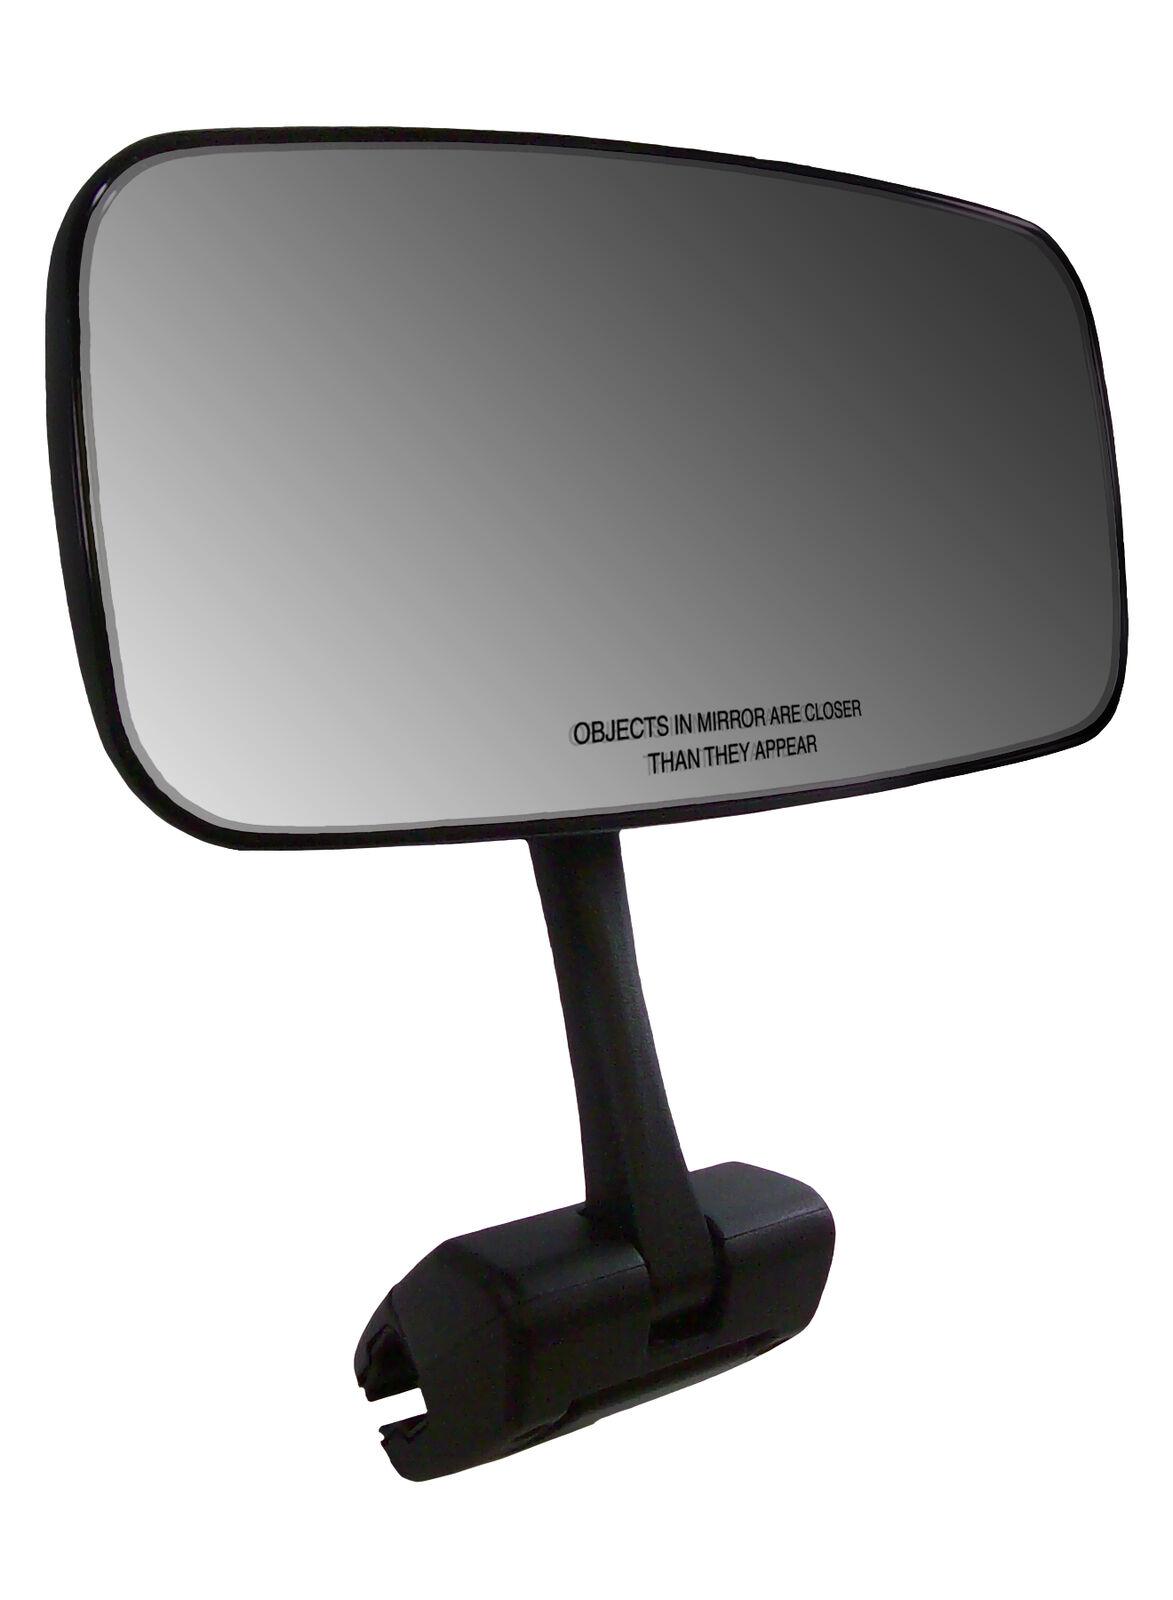 Universal 17.8cm X 35.6cm Marina Espejo con Deluxe Pieza Fundida Aluminio